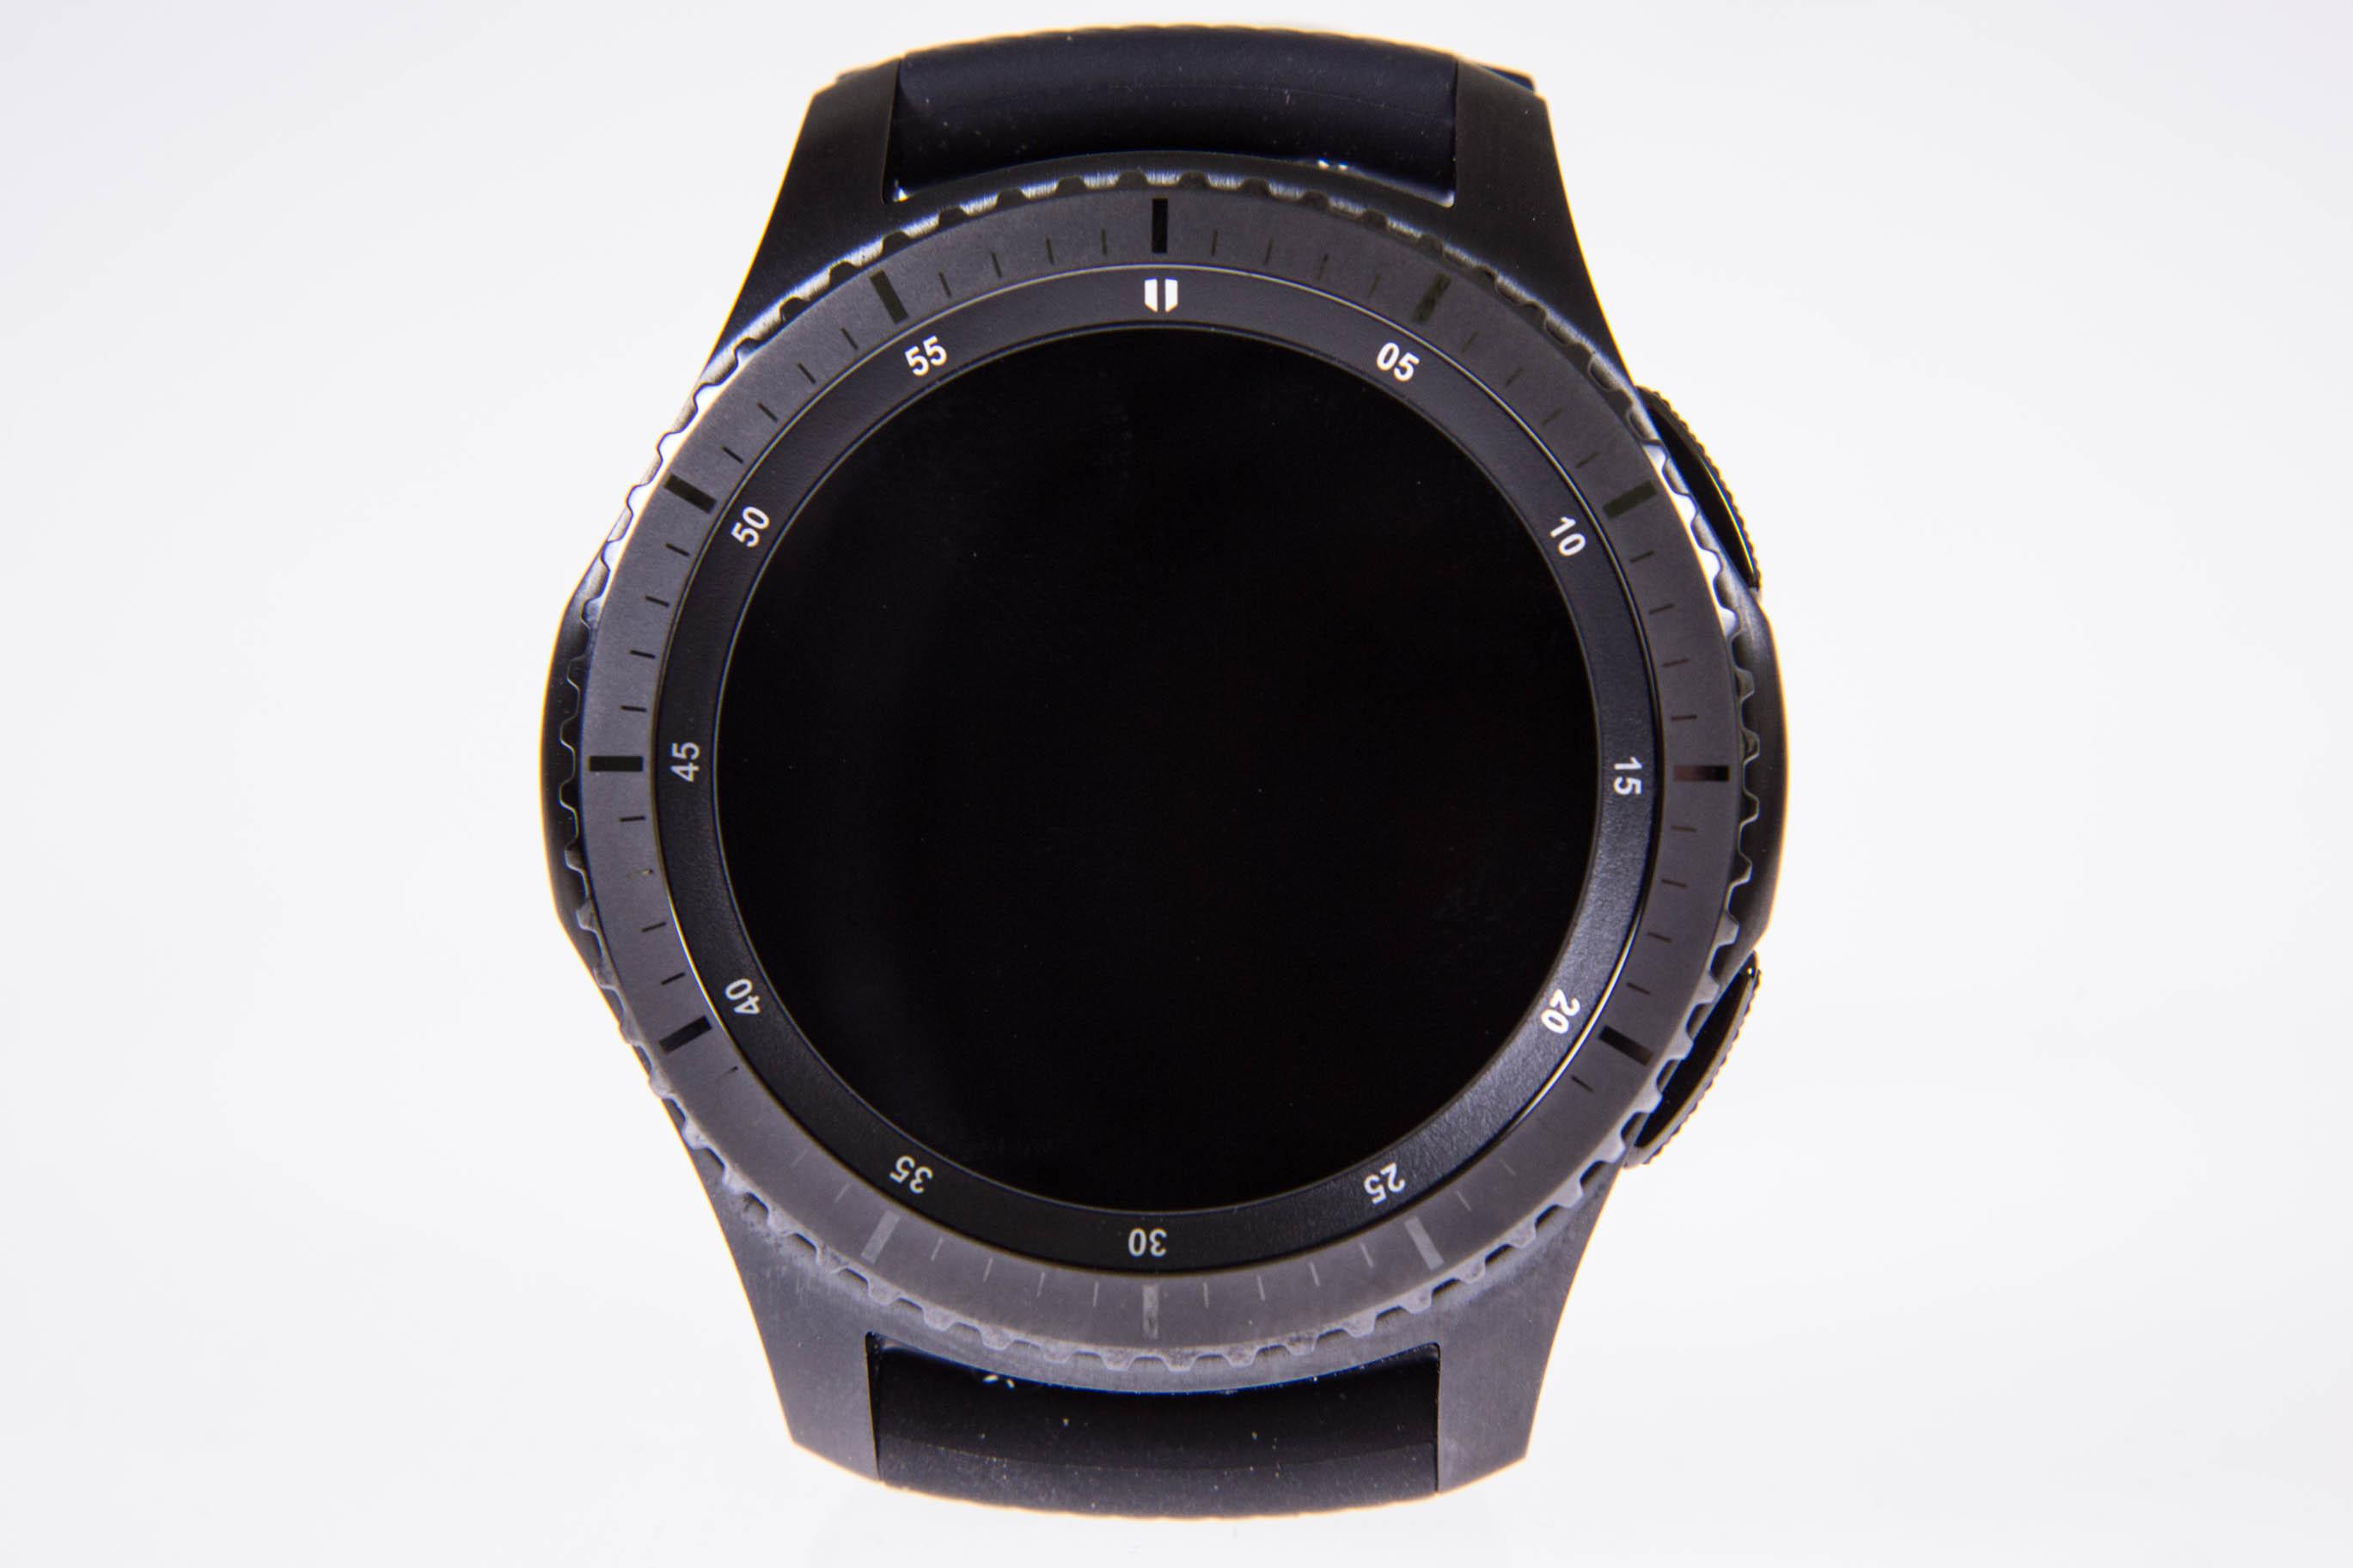 Gear S3 im Test: Großes Display, großer Akku, große Uhr - Das Display der Gear S3 ...